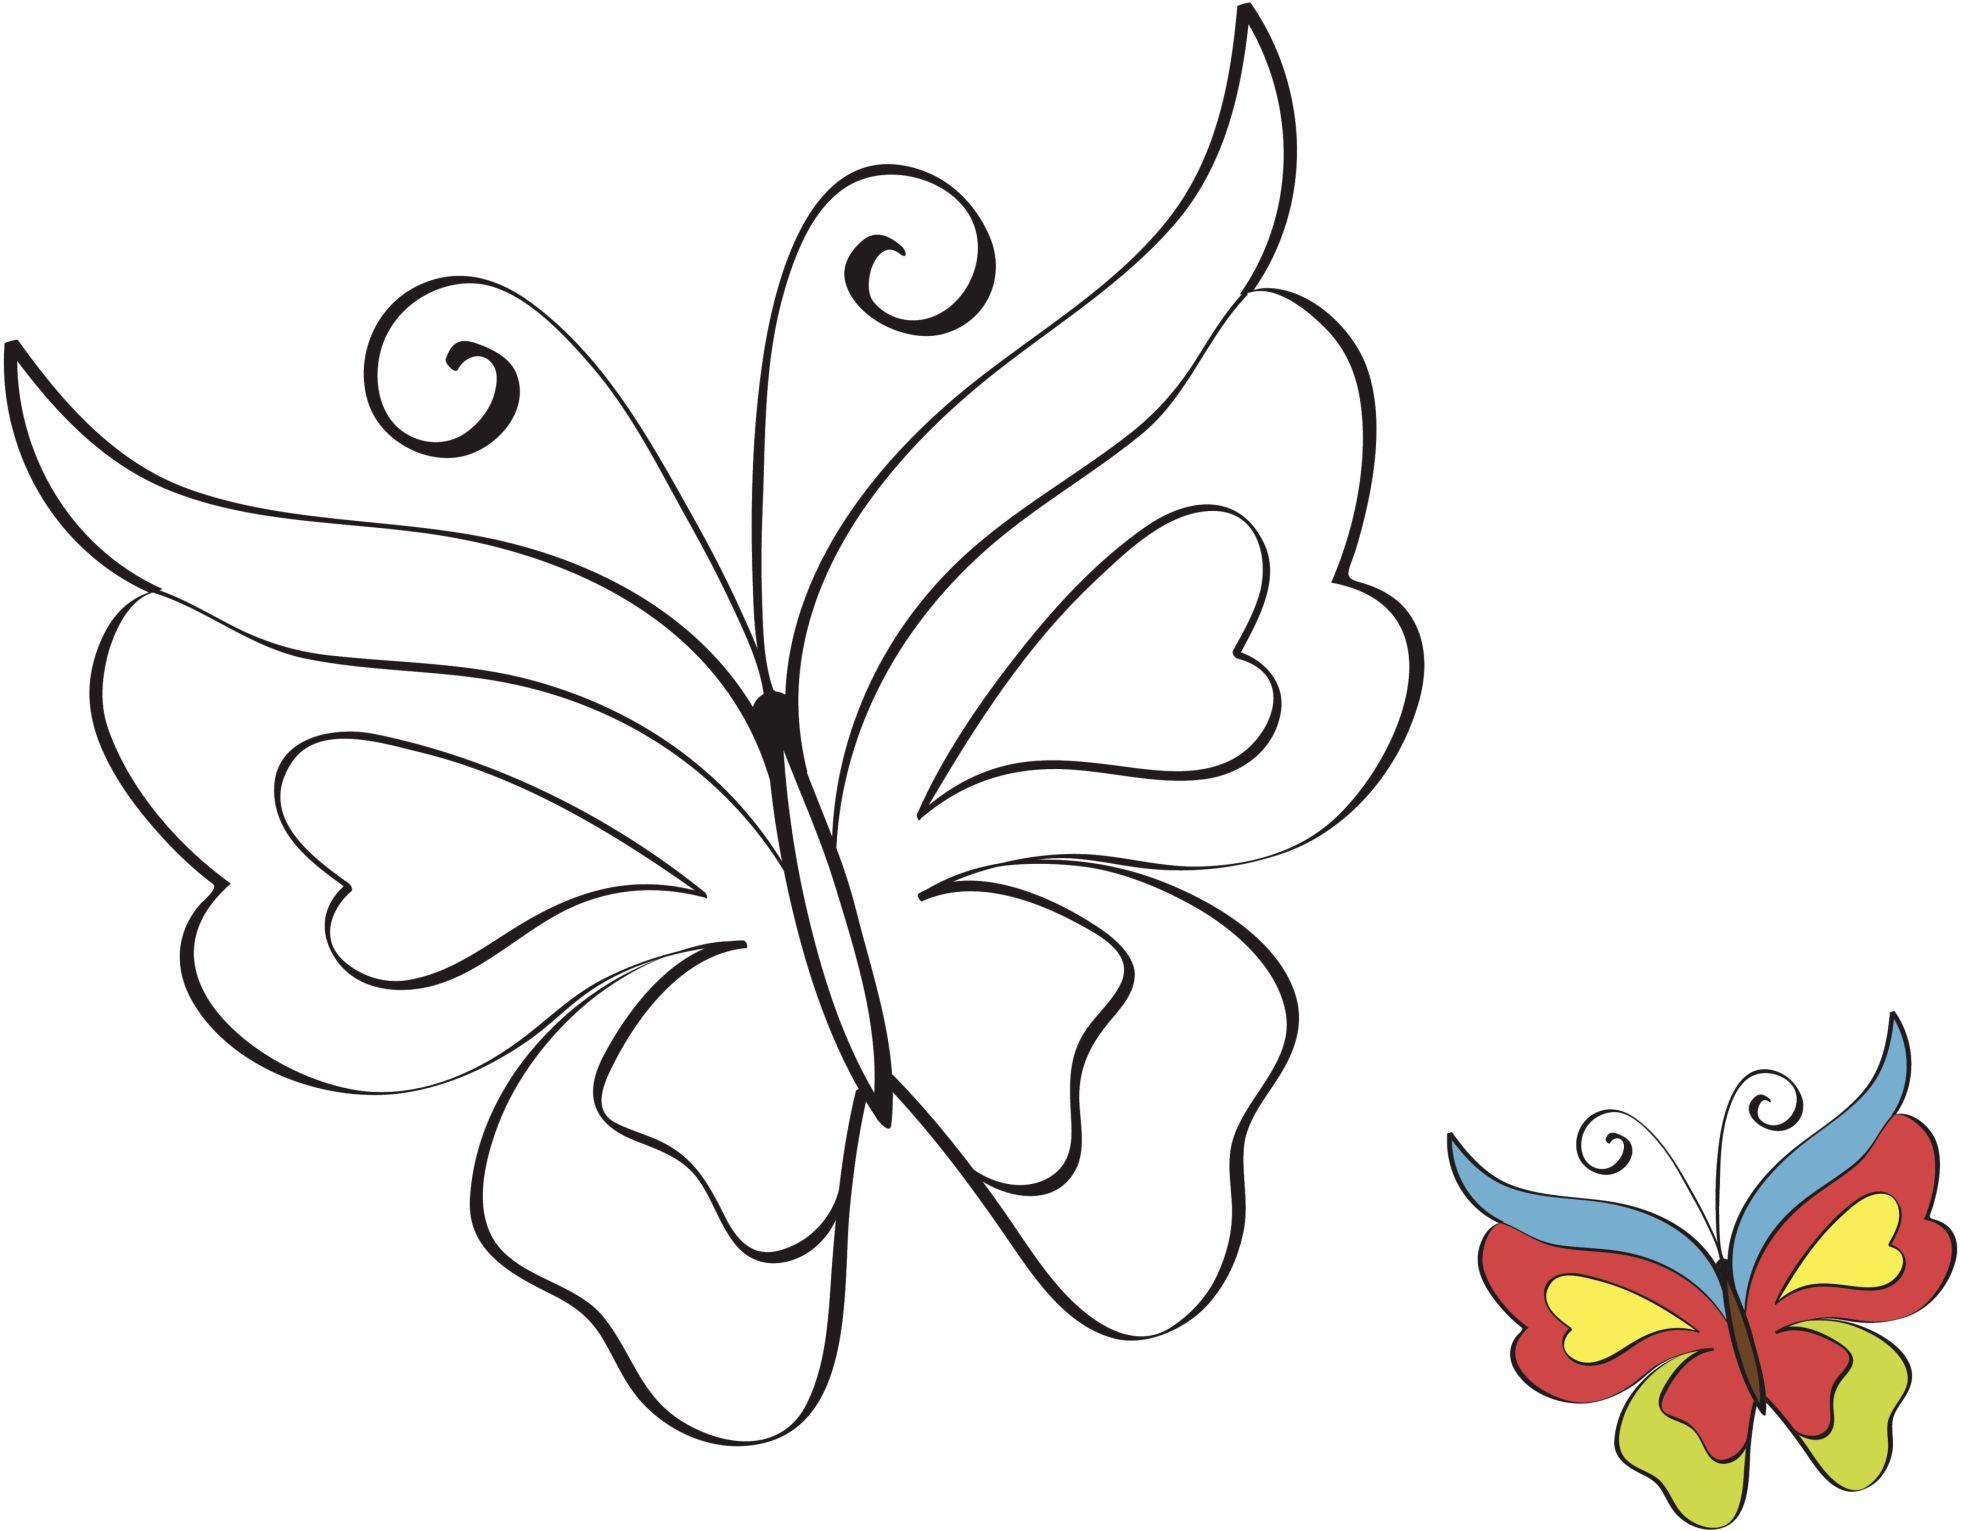 Mariposas para colorear buscar con google patrones - Plantillas de mariposas para pintar ...